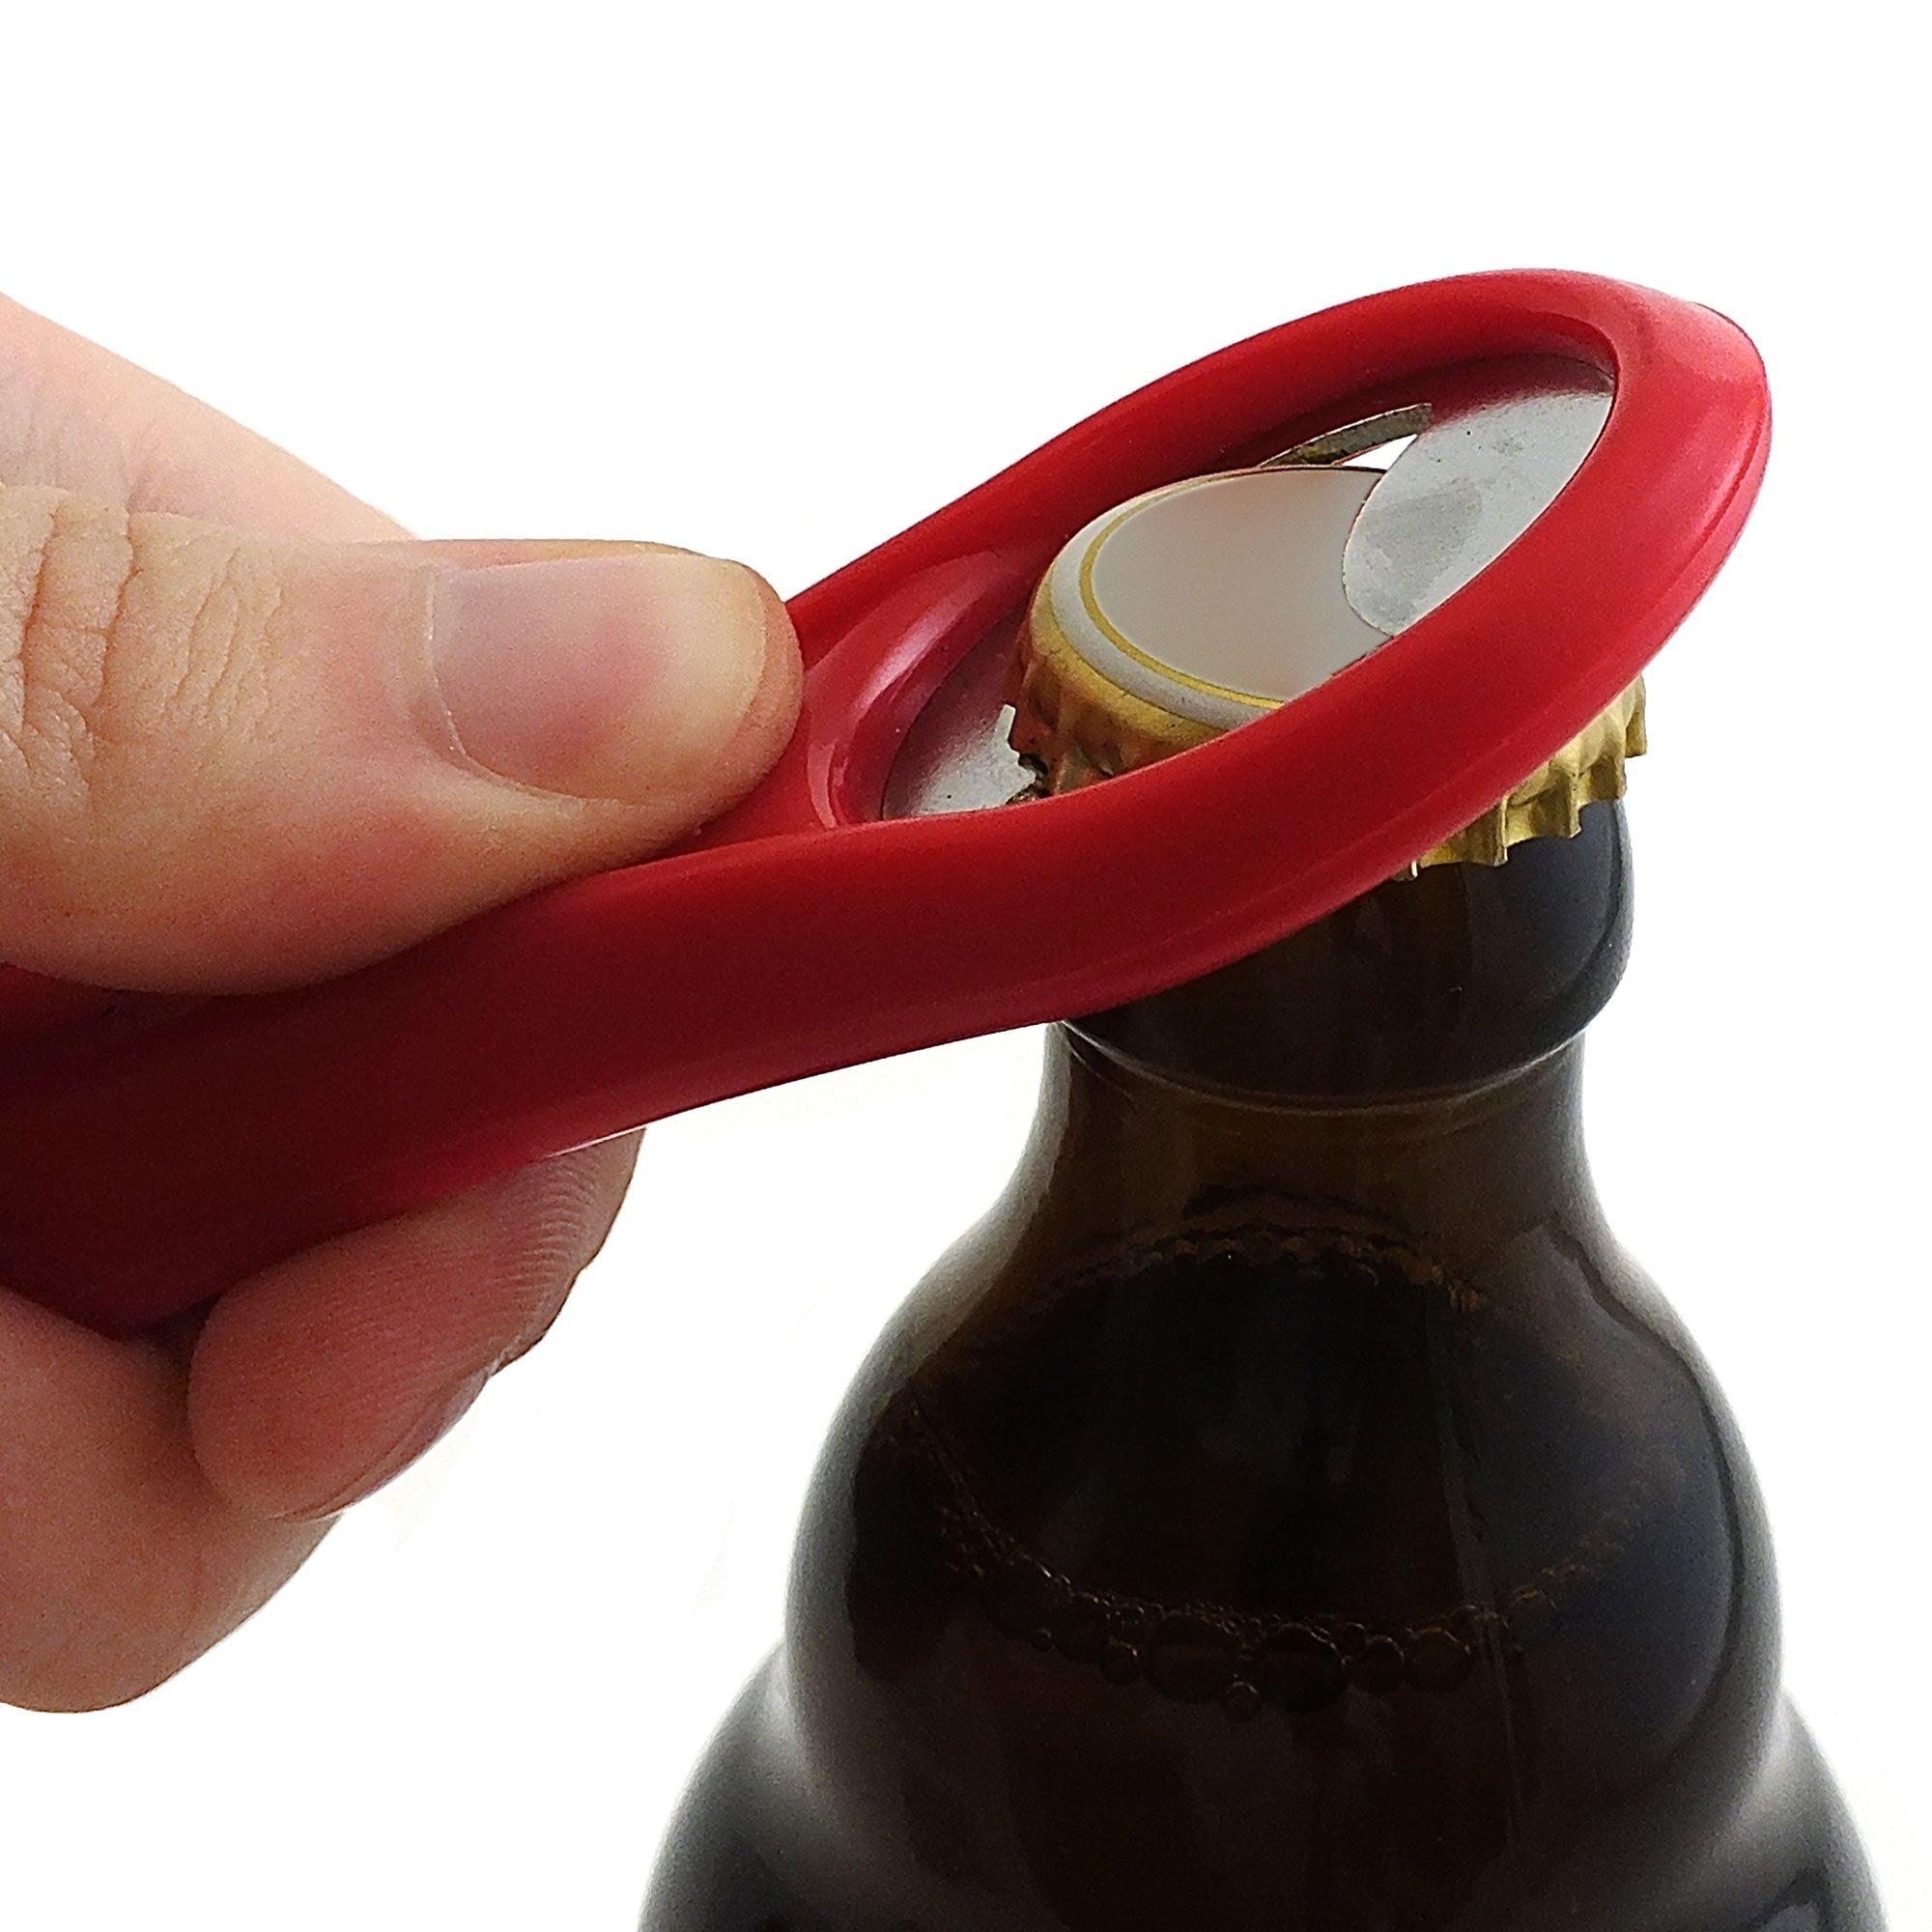 Les derniers Ouvre-bocal–Garantie de remplacement à vie–N ° 1nominal de cuisine de maintien pour couvercles tenaces, Caps et bouteilles–conçu pour les petites mains, les personnes âgées ou ceux qui Perdent de l\'arthrite